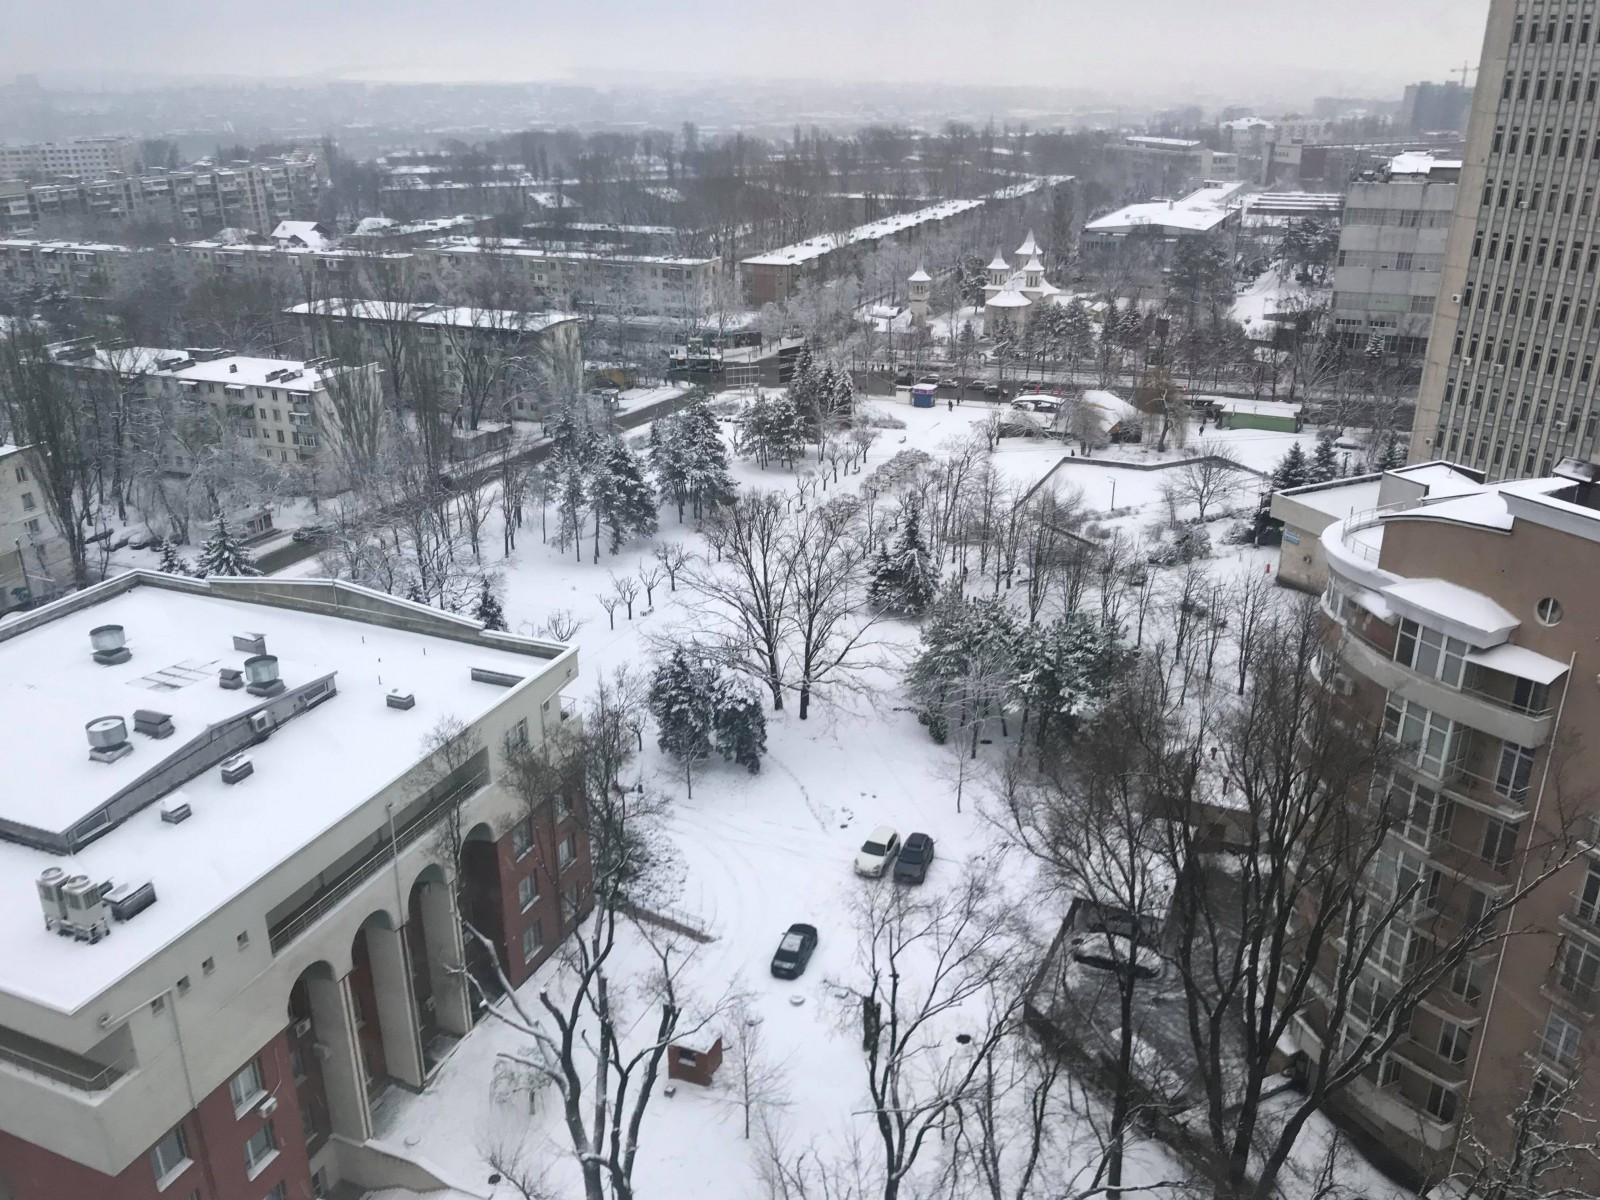 (cod galben) Moldova sub zăpadă. După o noapte în care a nins în continuu, vine lapoviță și temperaturi puțin peste 0 grade